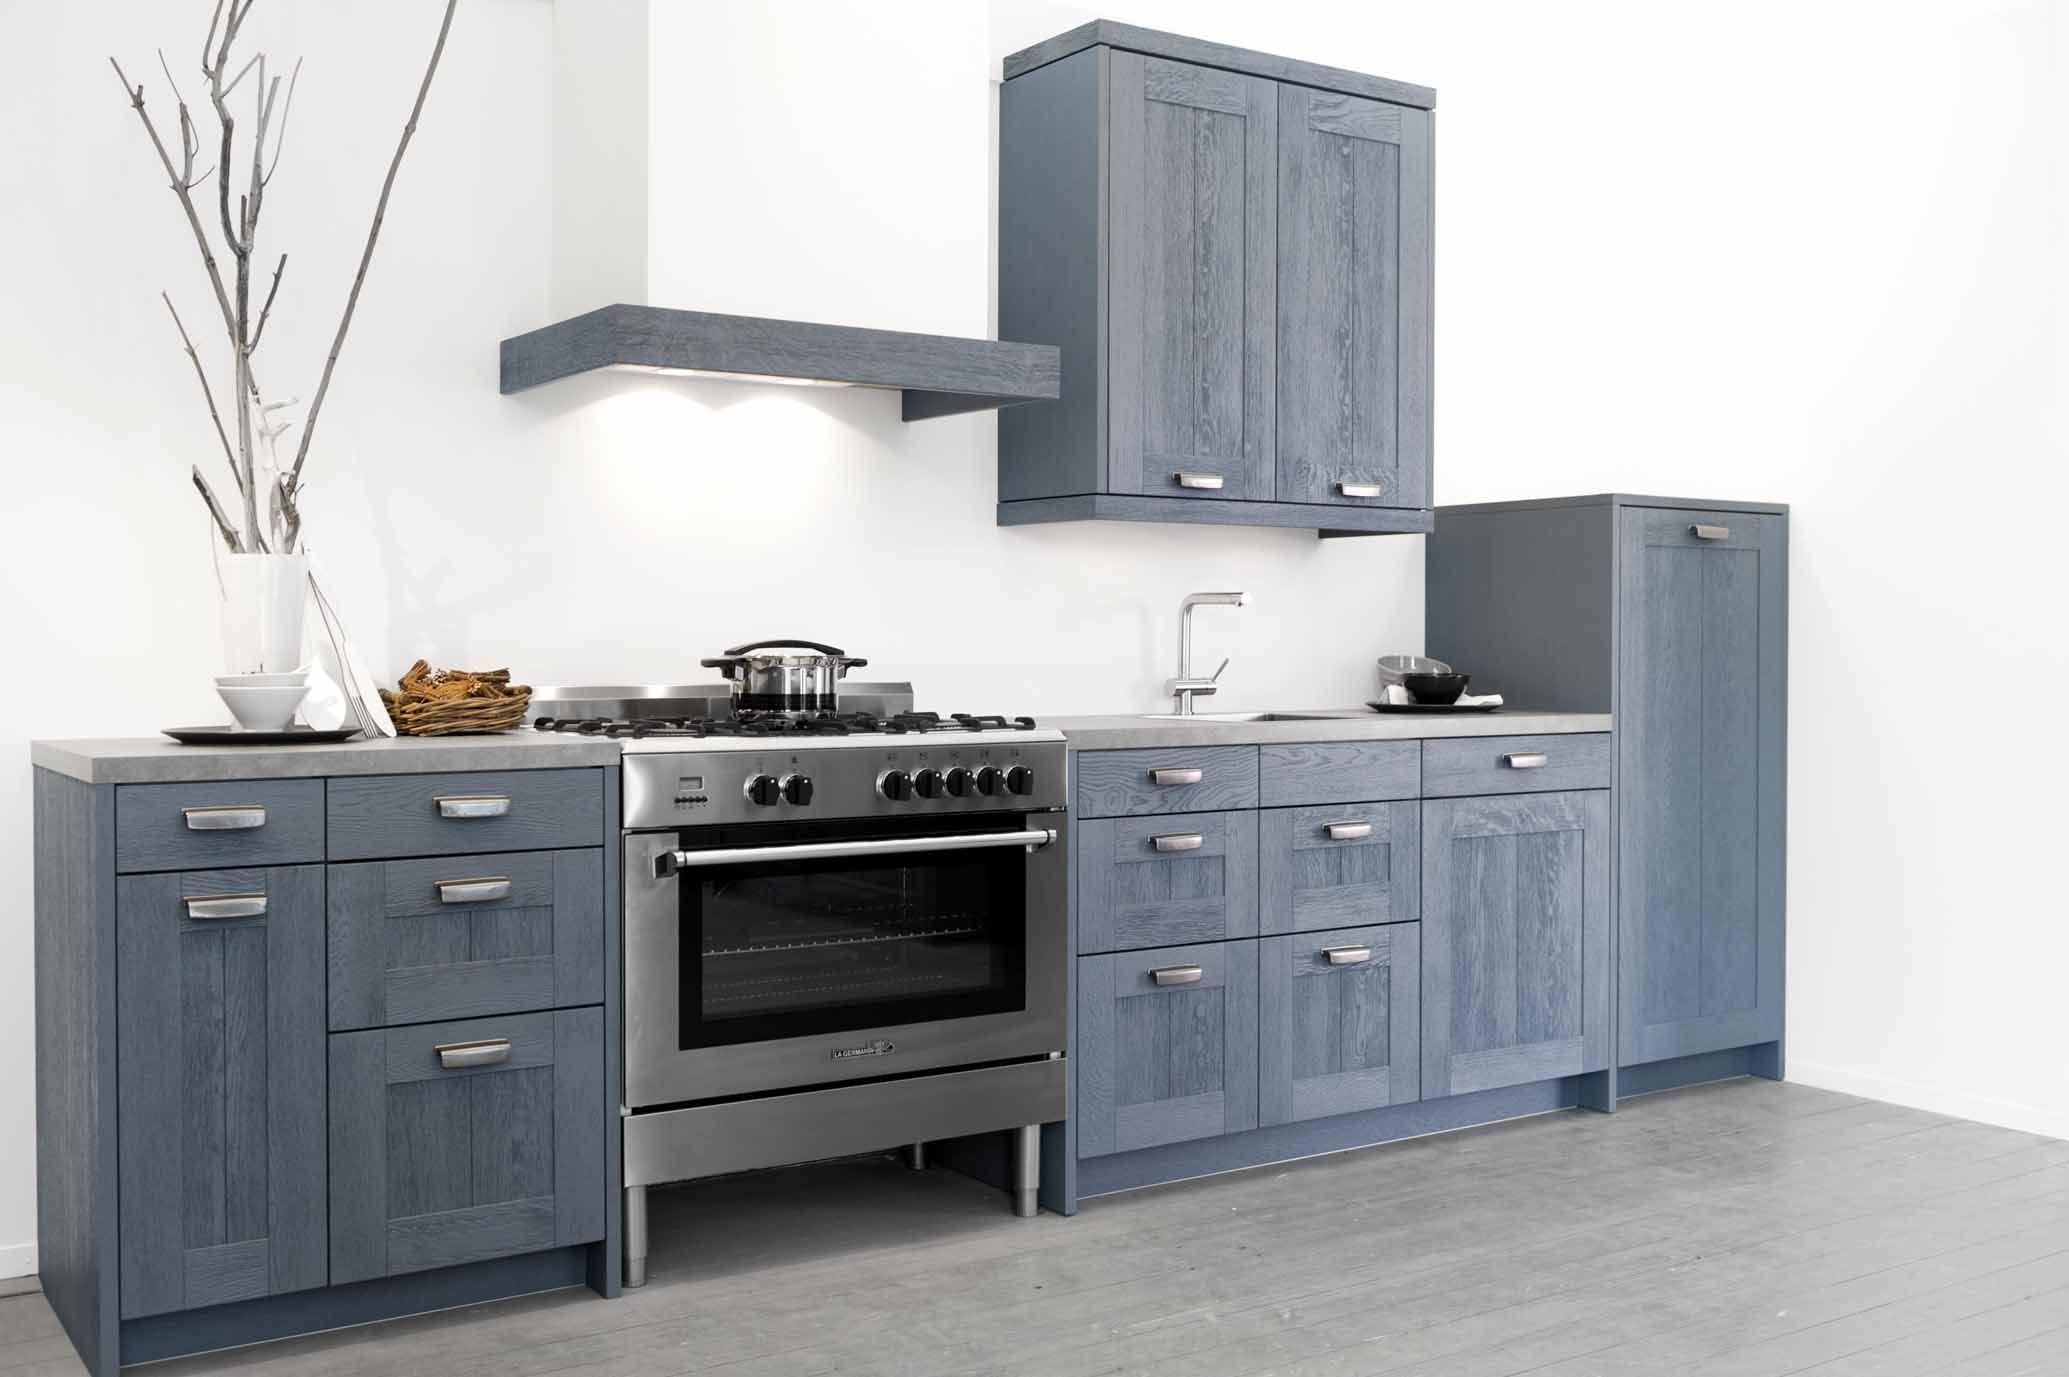 Showroomkeukens alle showroomkeuken aanbiedingen uit nederland keukens voor zeer lage keuken - Keuken wit en blauw ...